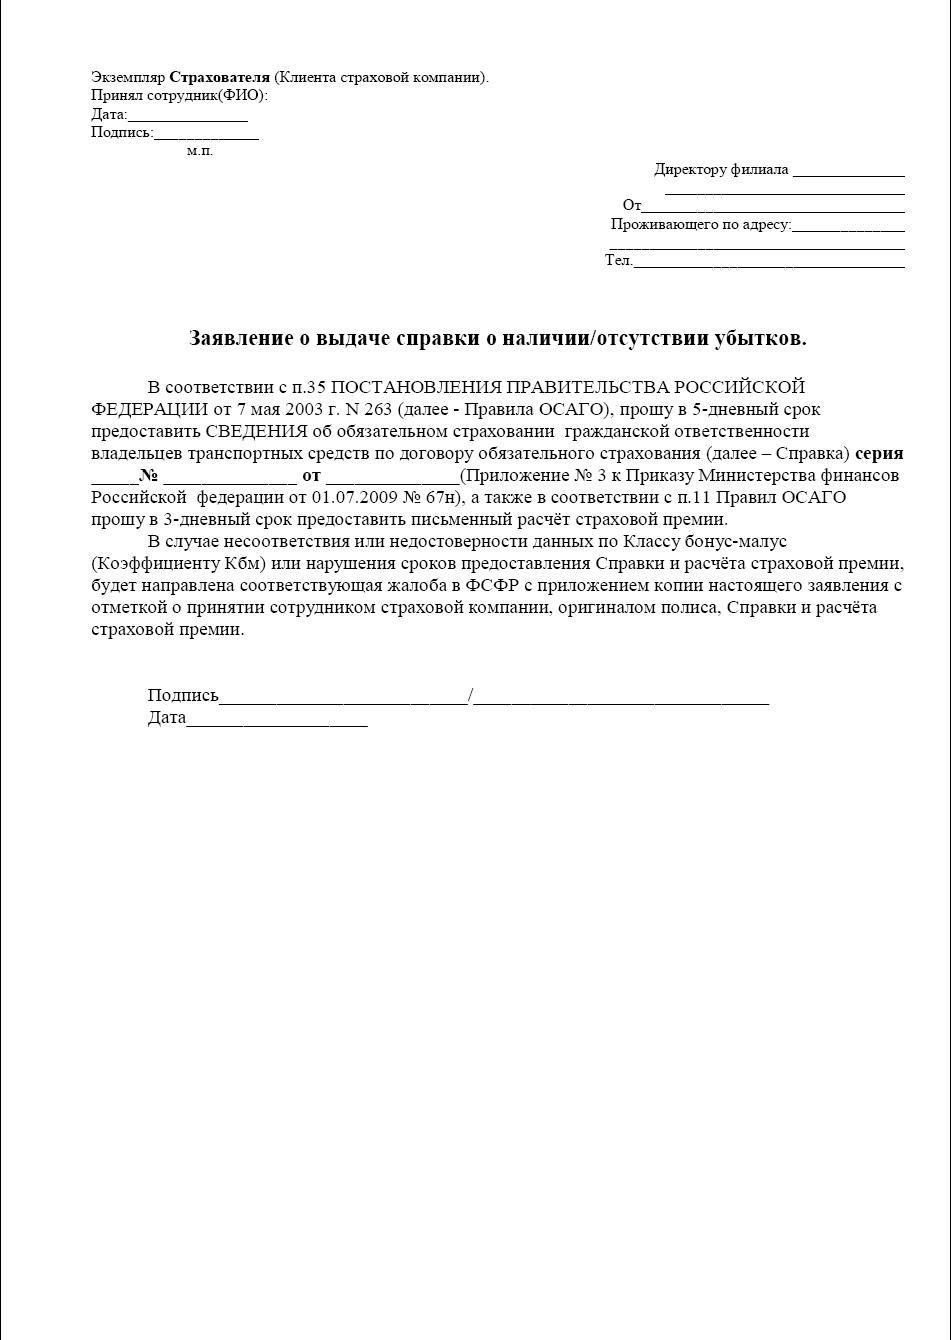 Заявление в росгосстрах по кбм каталог файлов.